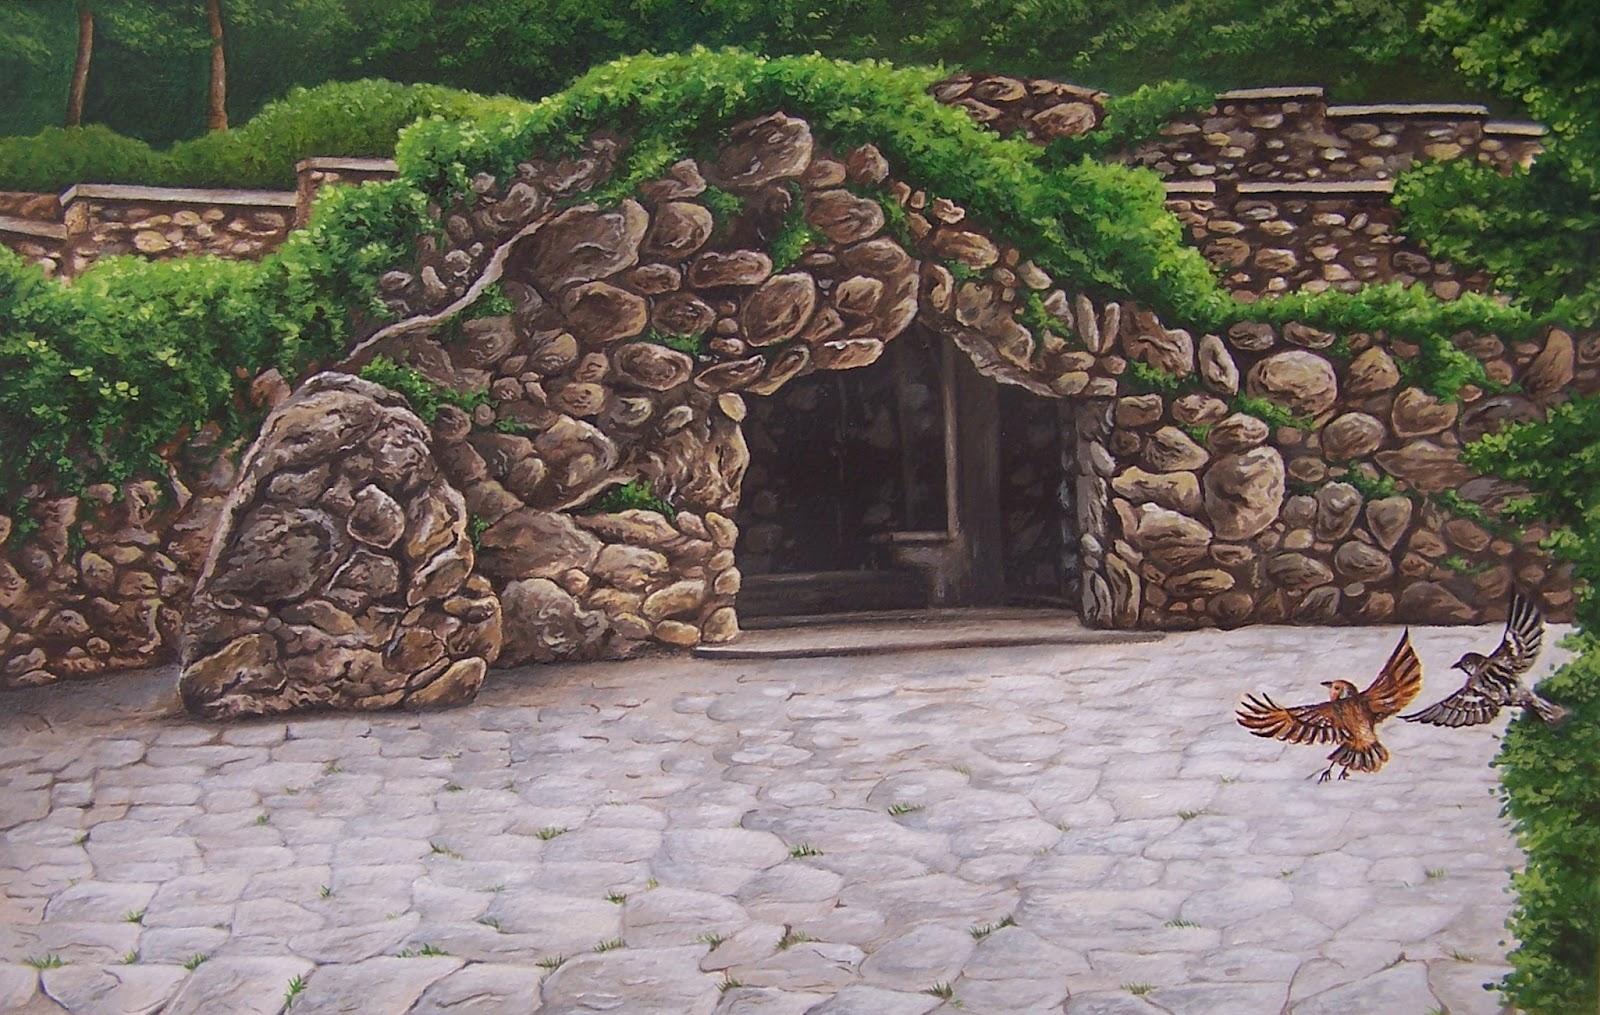 Enchanted Garden: TinyRed: Enchanted Garden